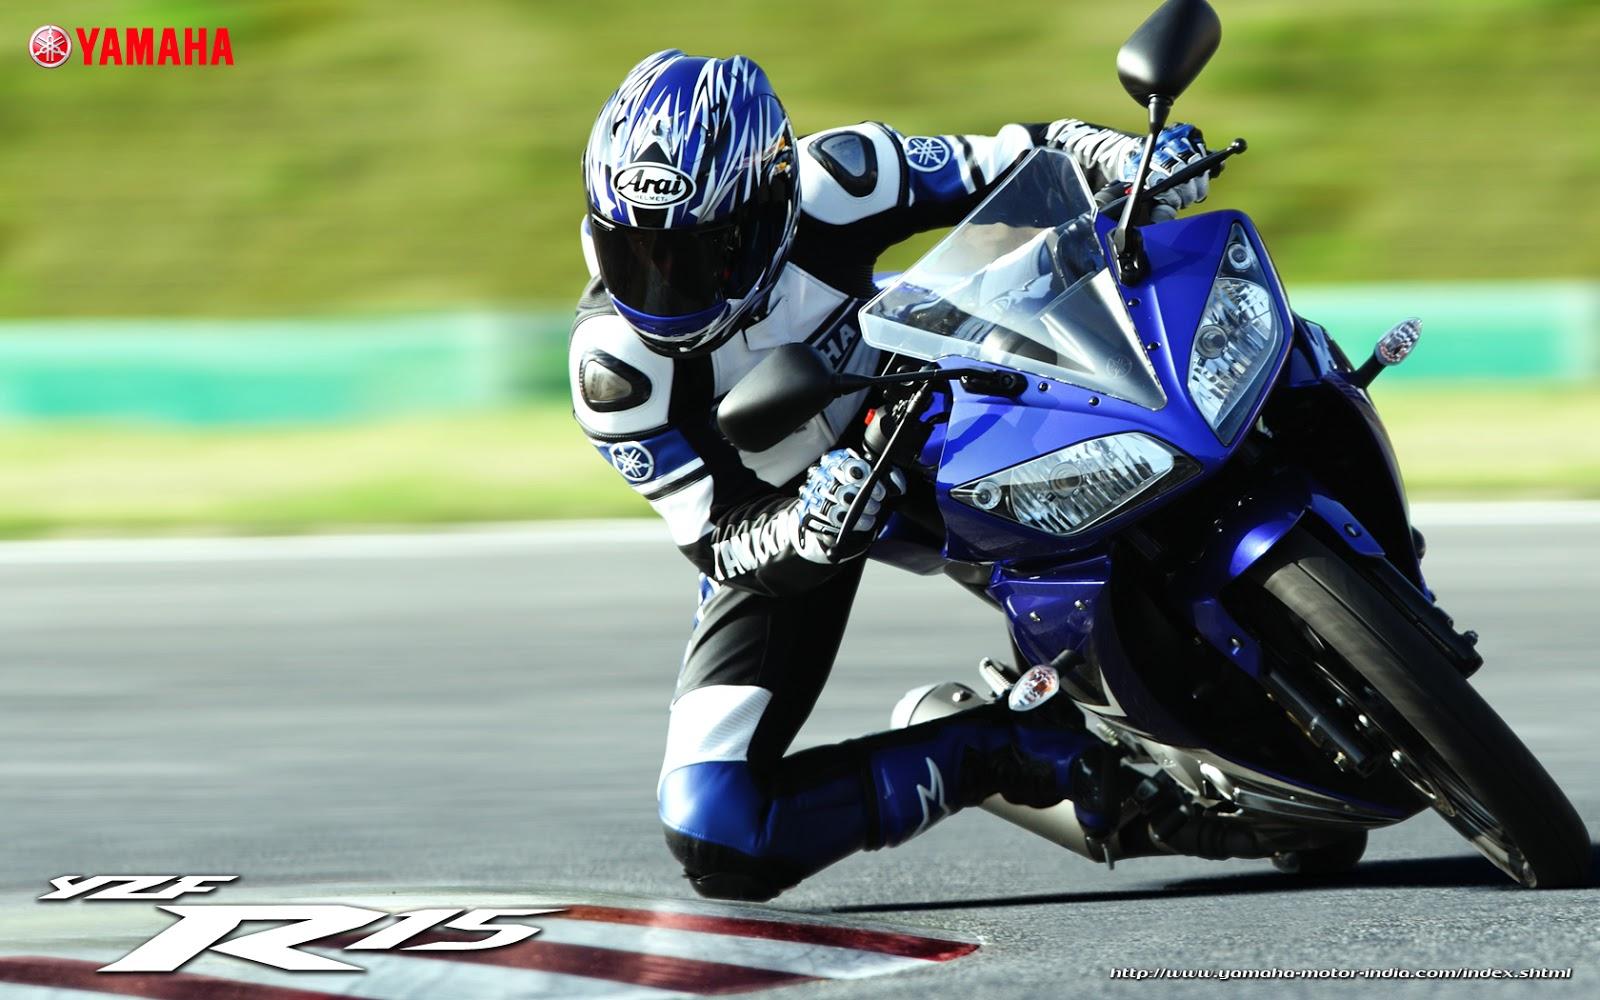 R15 Bike Stunts Hd Wallpaper,